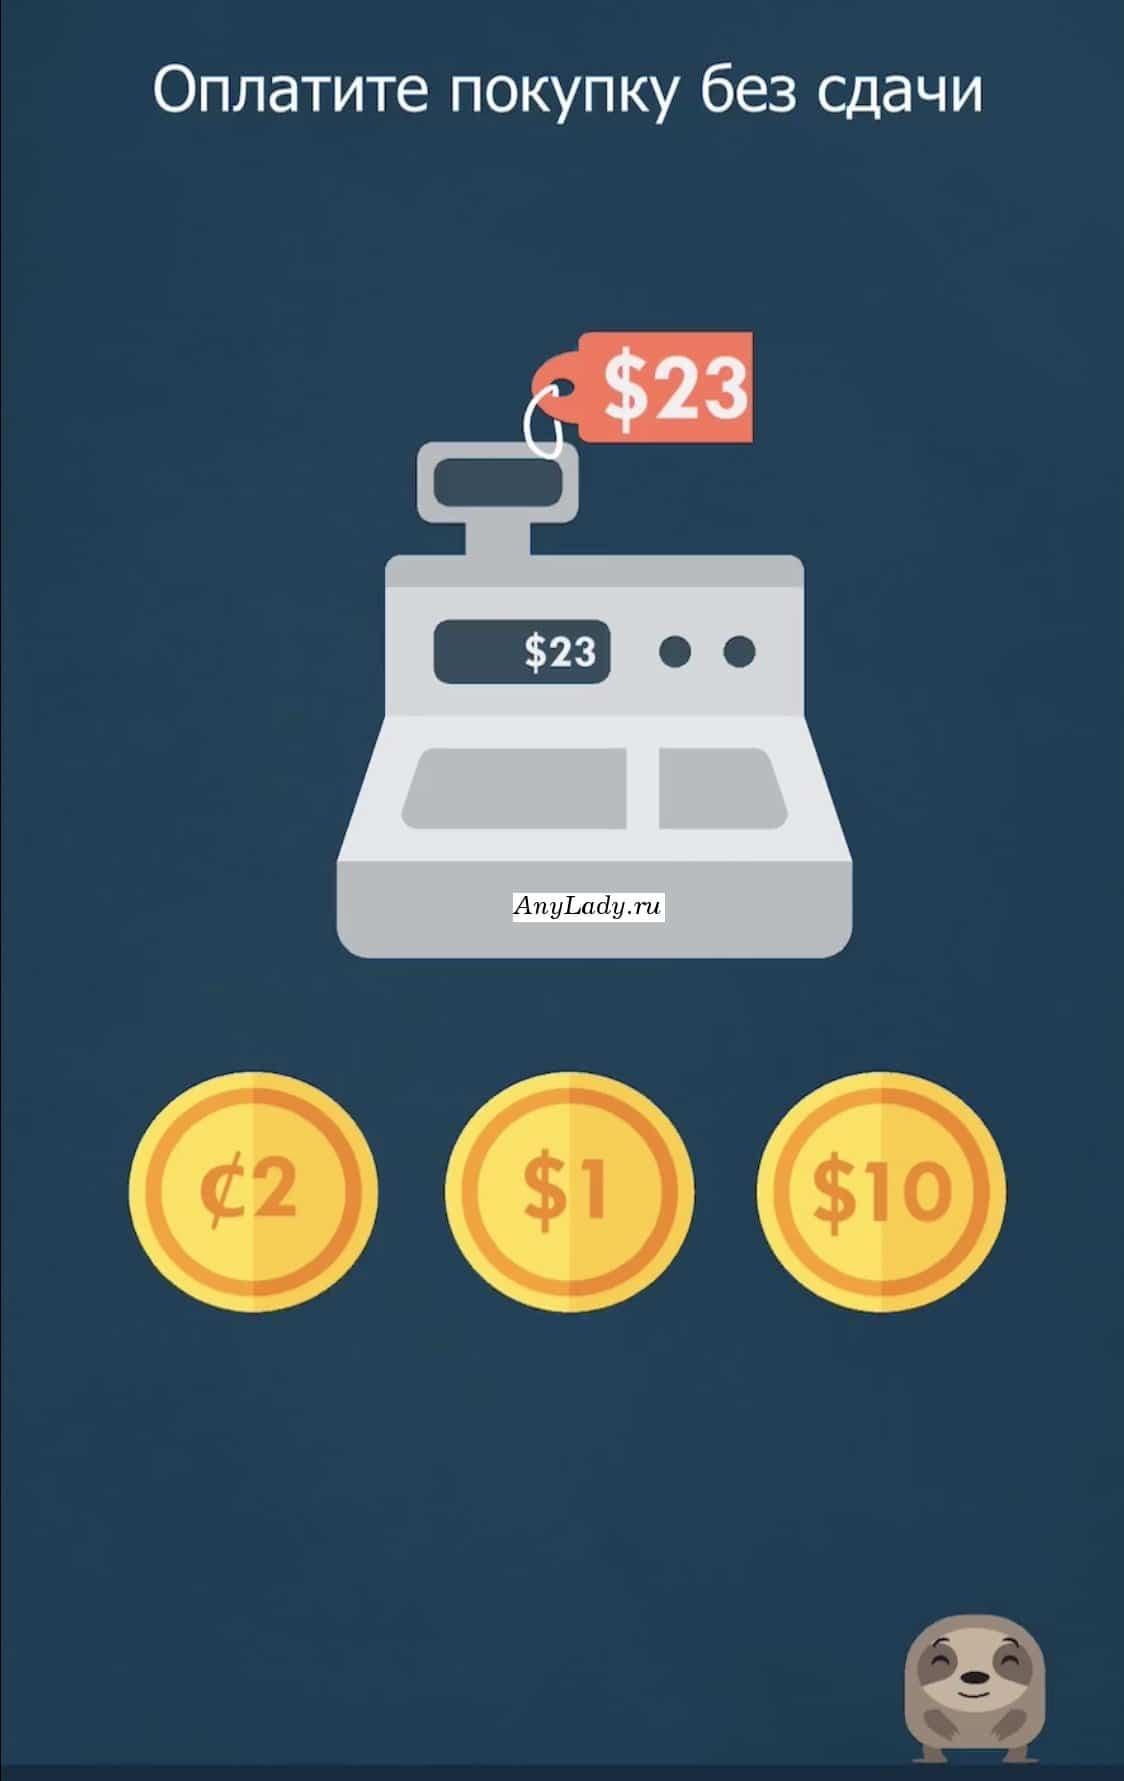 Двумя пальцами, порвите красный купон на две части и отсчитайте деньги в кассу:   10$ - два раза;   1$ - три раза.